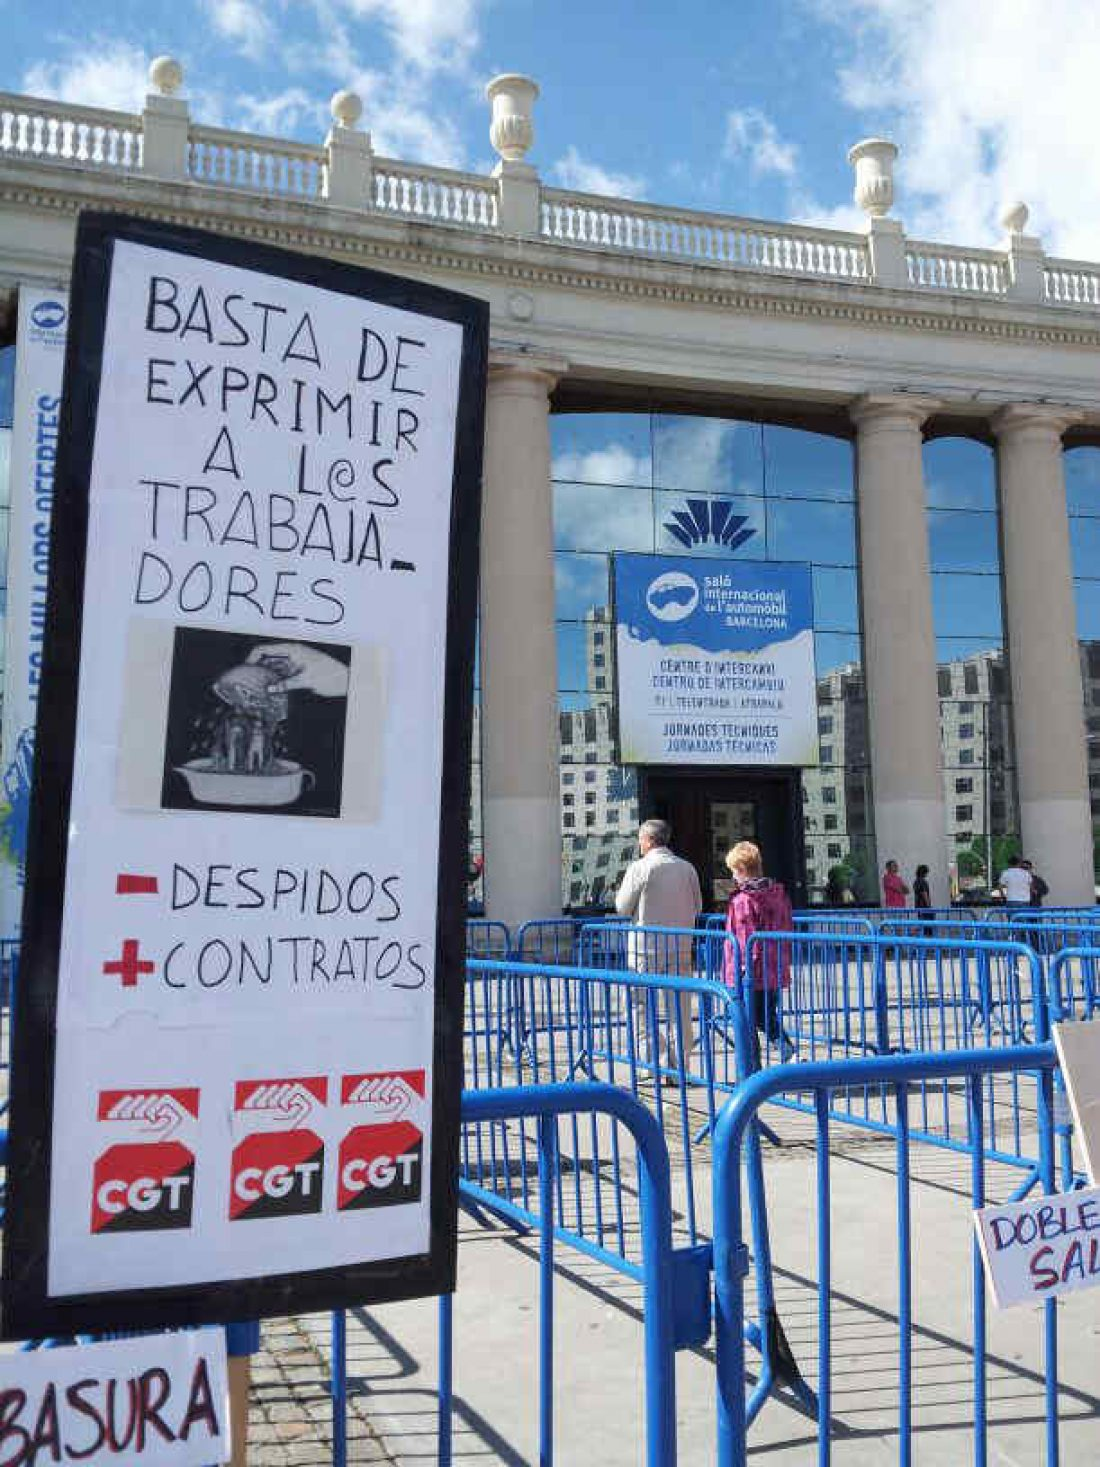 Acciones de protesta de CGT Metal en el Salón del Automovil de Barcelona el viernes y sábado